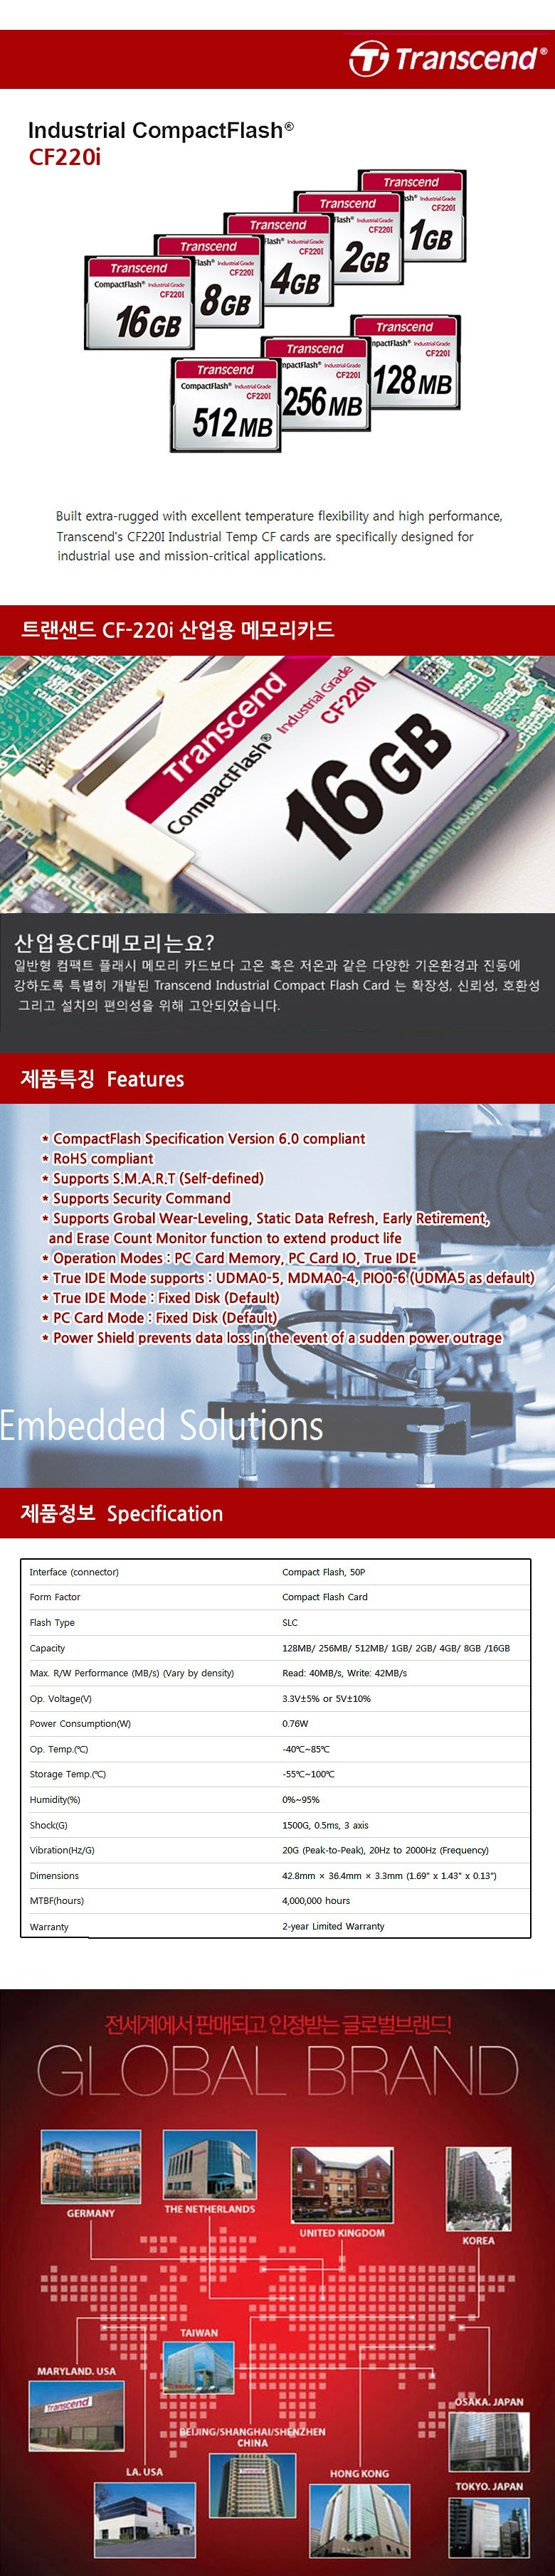 트랜센드 CF 220i (1GB)